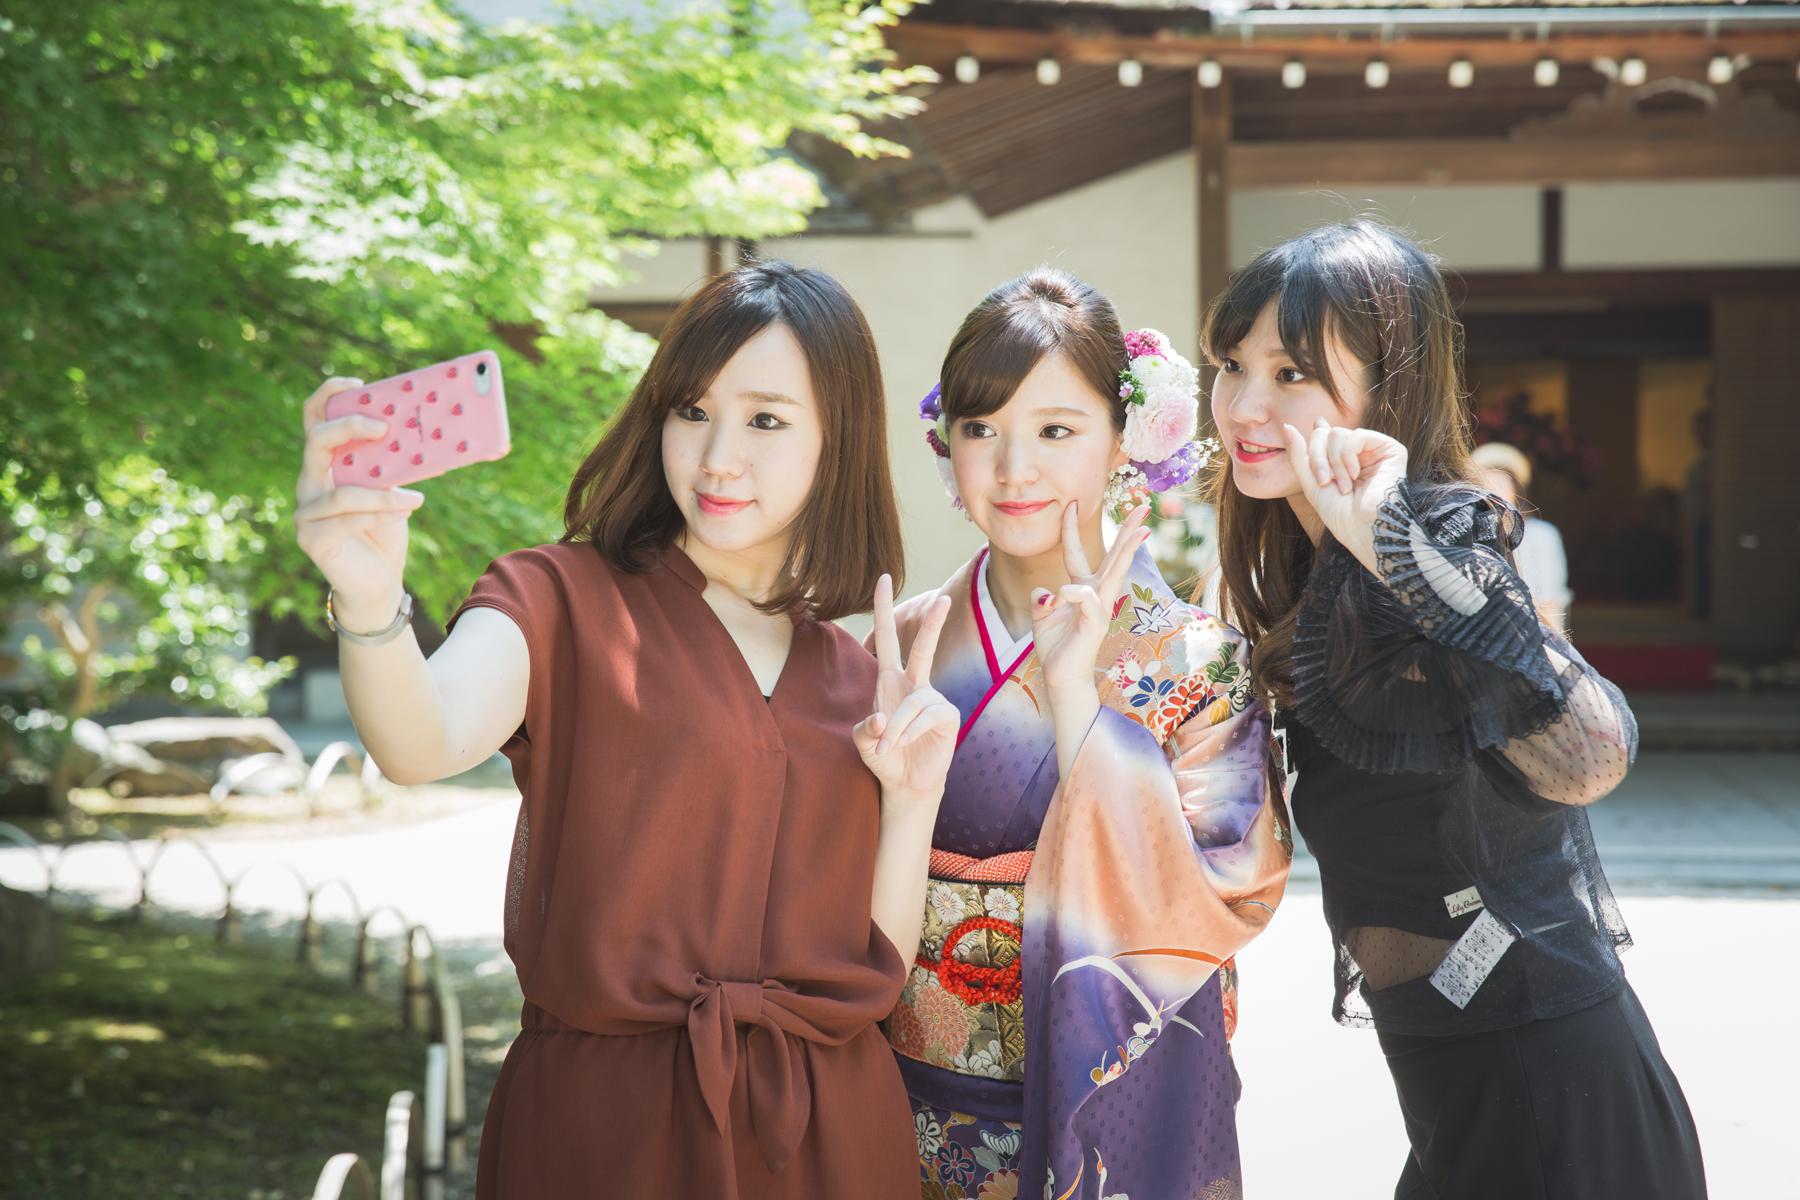 滋賀県長浜市で成人前撮り撮影